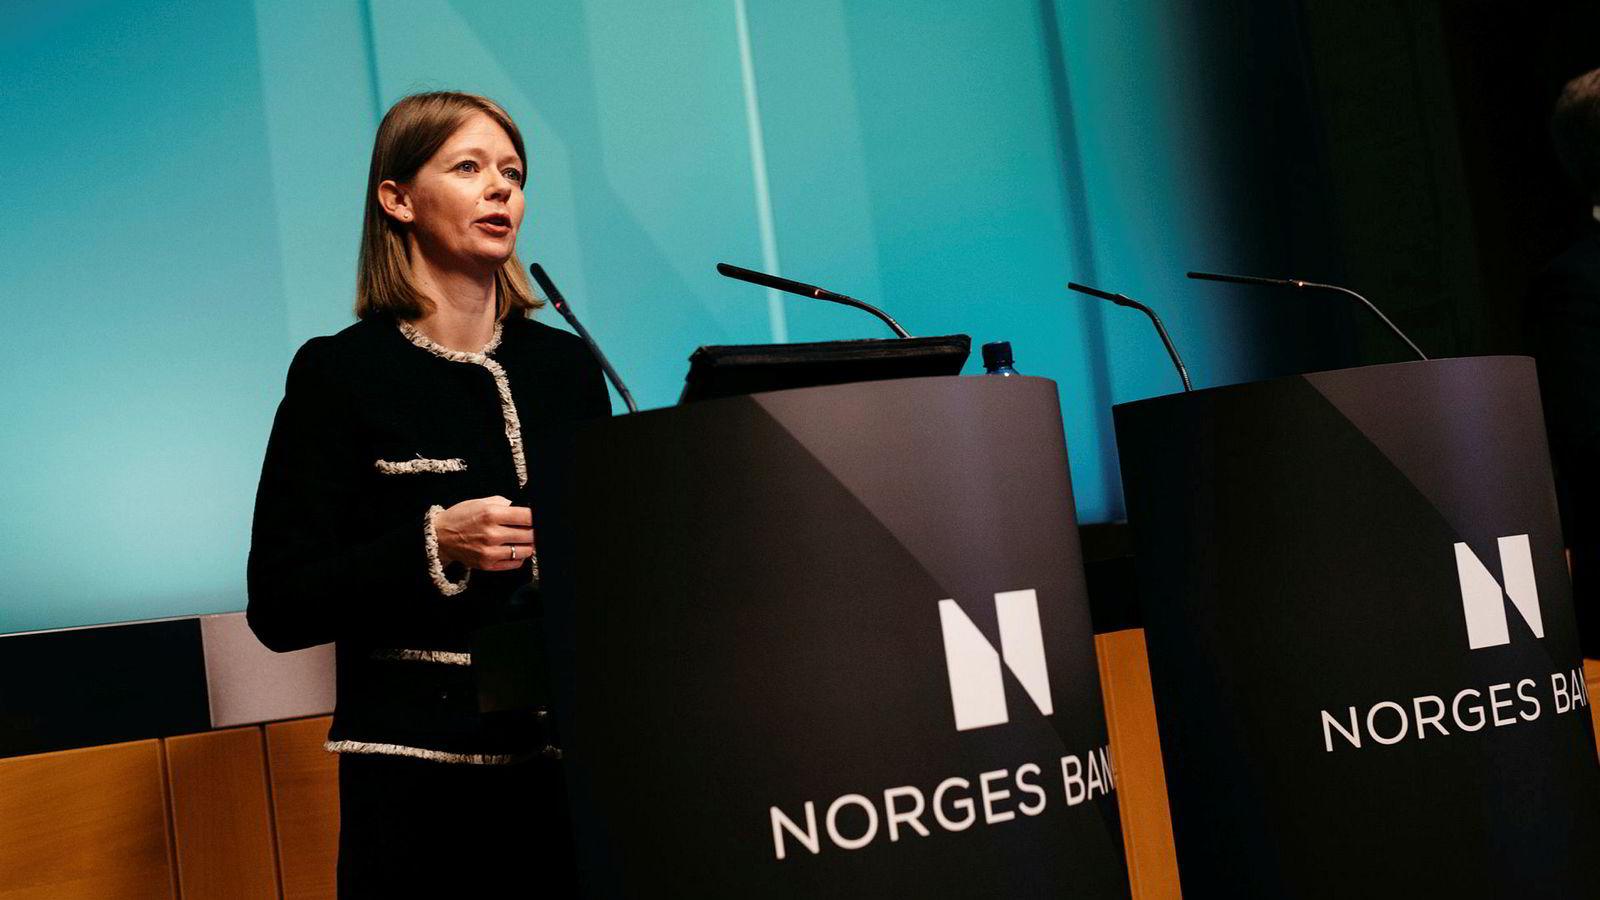 Ida Wolden Bache, leder for pengepolitisk avdeling i Norges Bank, forteller at stadig flere bedrifter rapporterer om kapasitetsproblemer i oljeindustrien. Foto: Fartein Rudjord